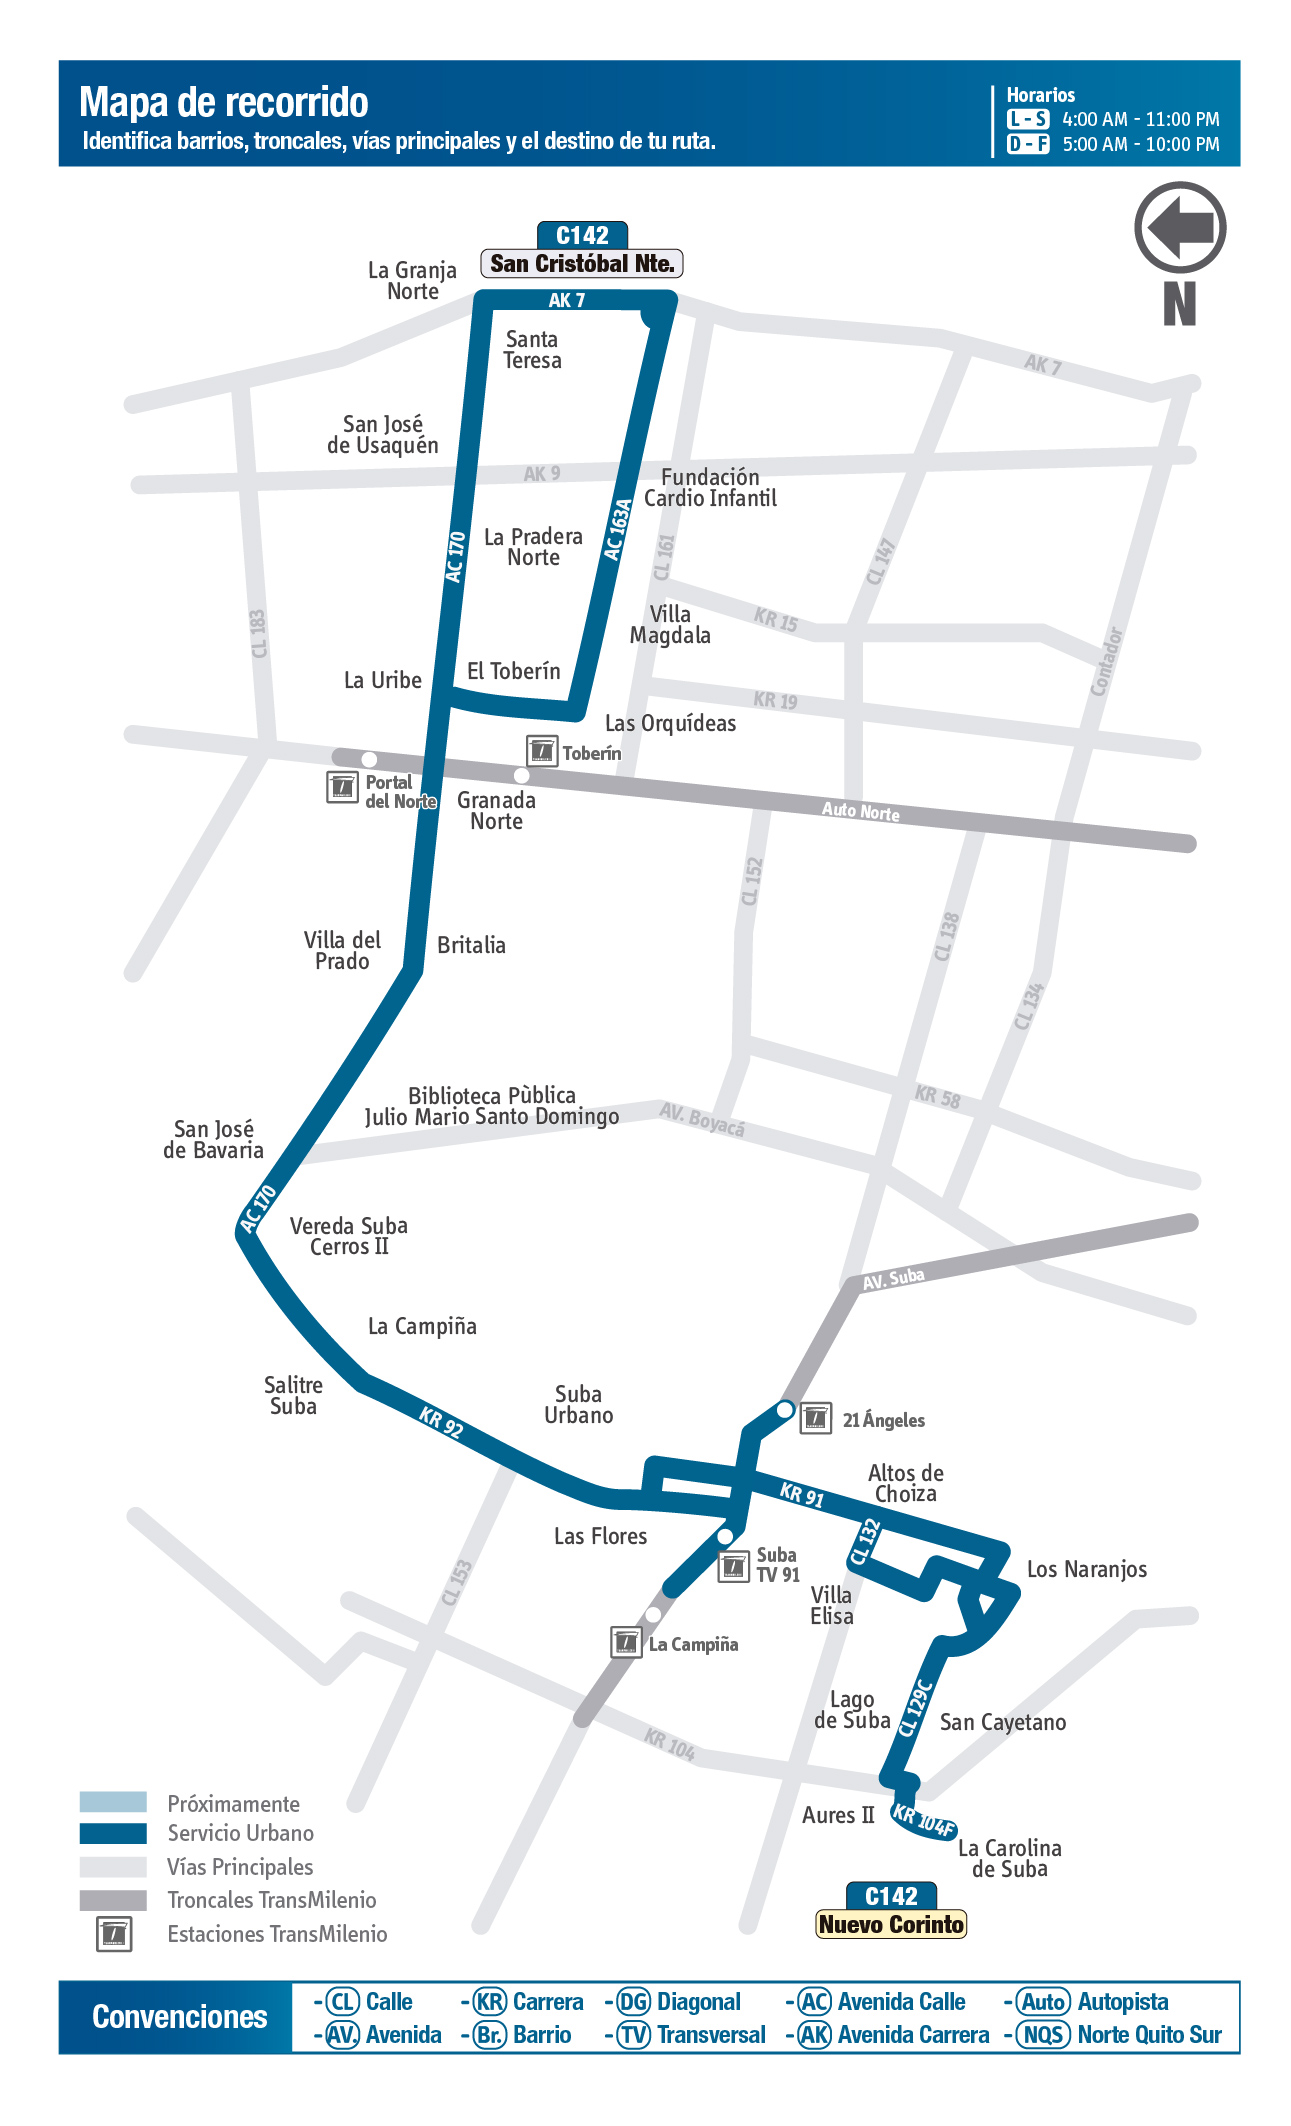 mapa de la ruta C142 del SITP